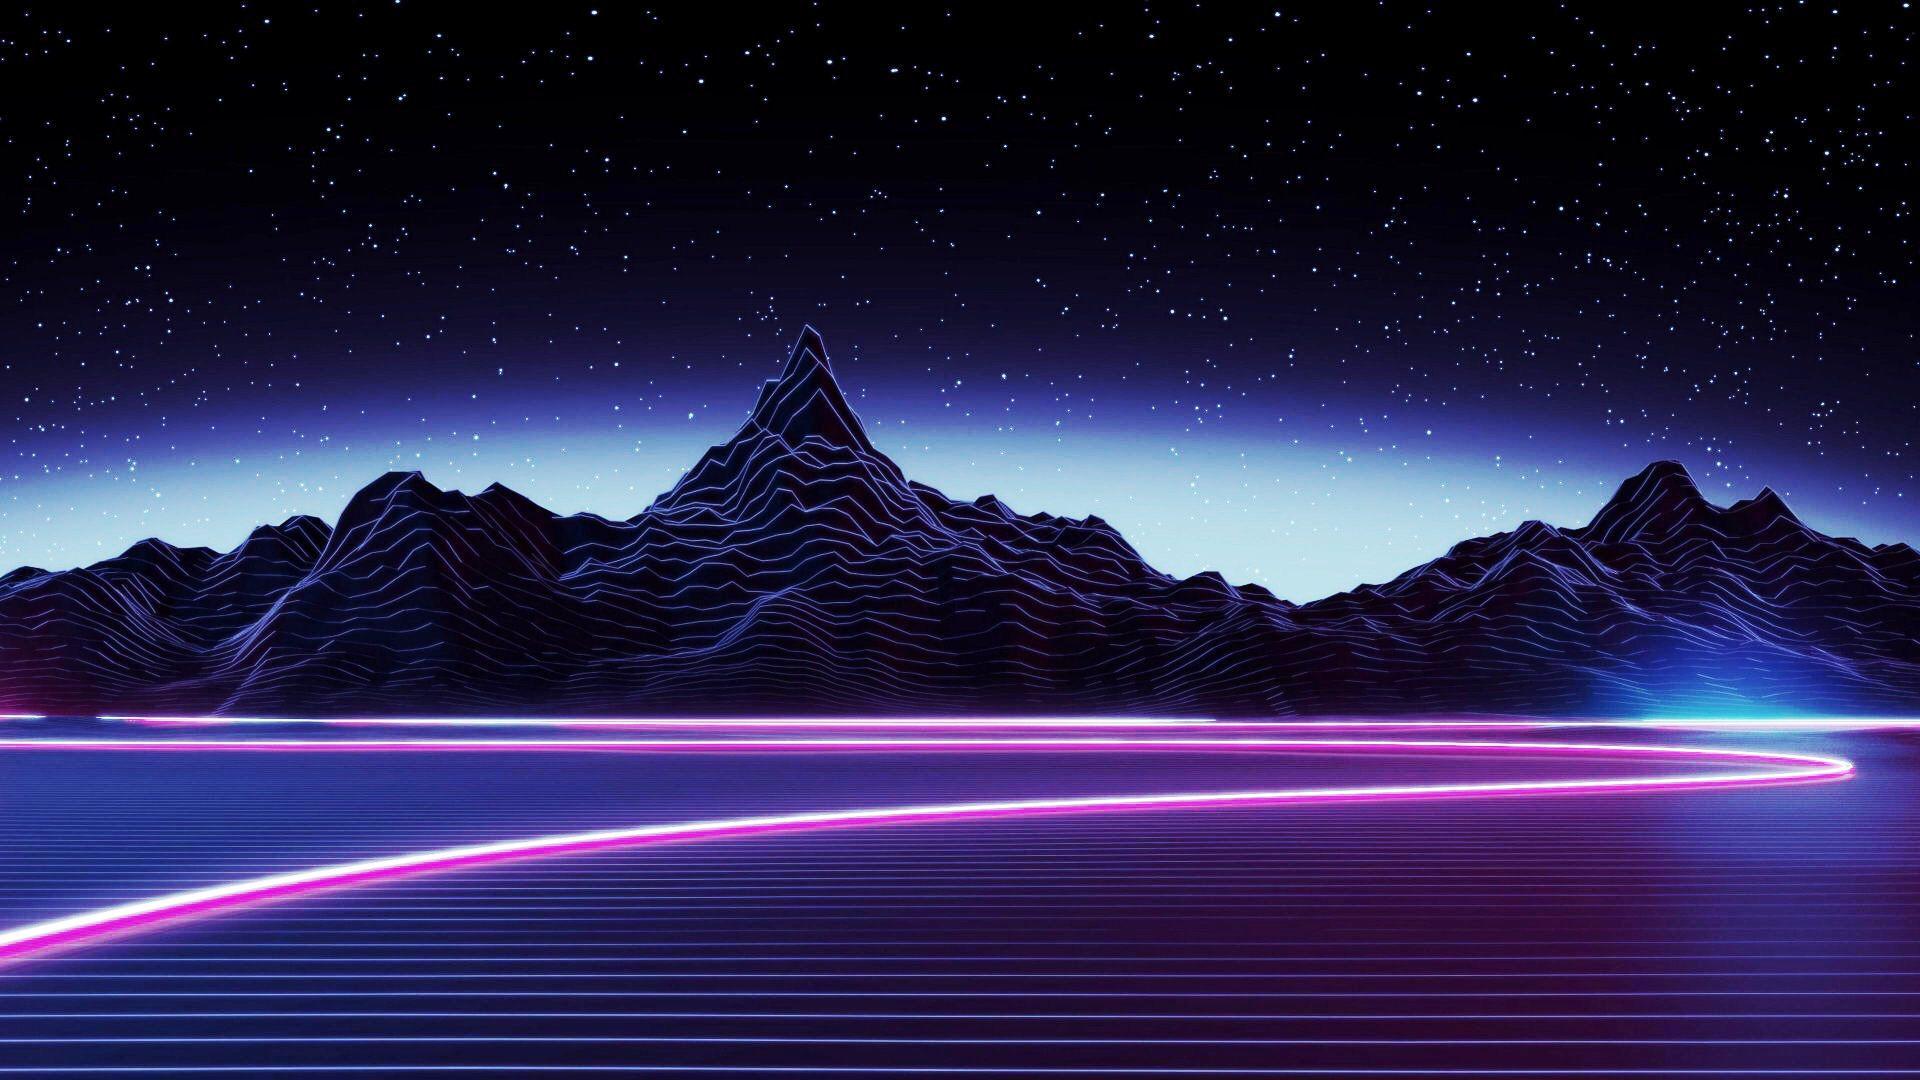 Desktop Neon Mountain Wallpaper   Dark Aesthetic Wallpaper 1920x1080